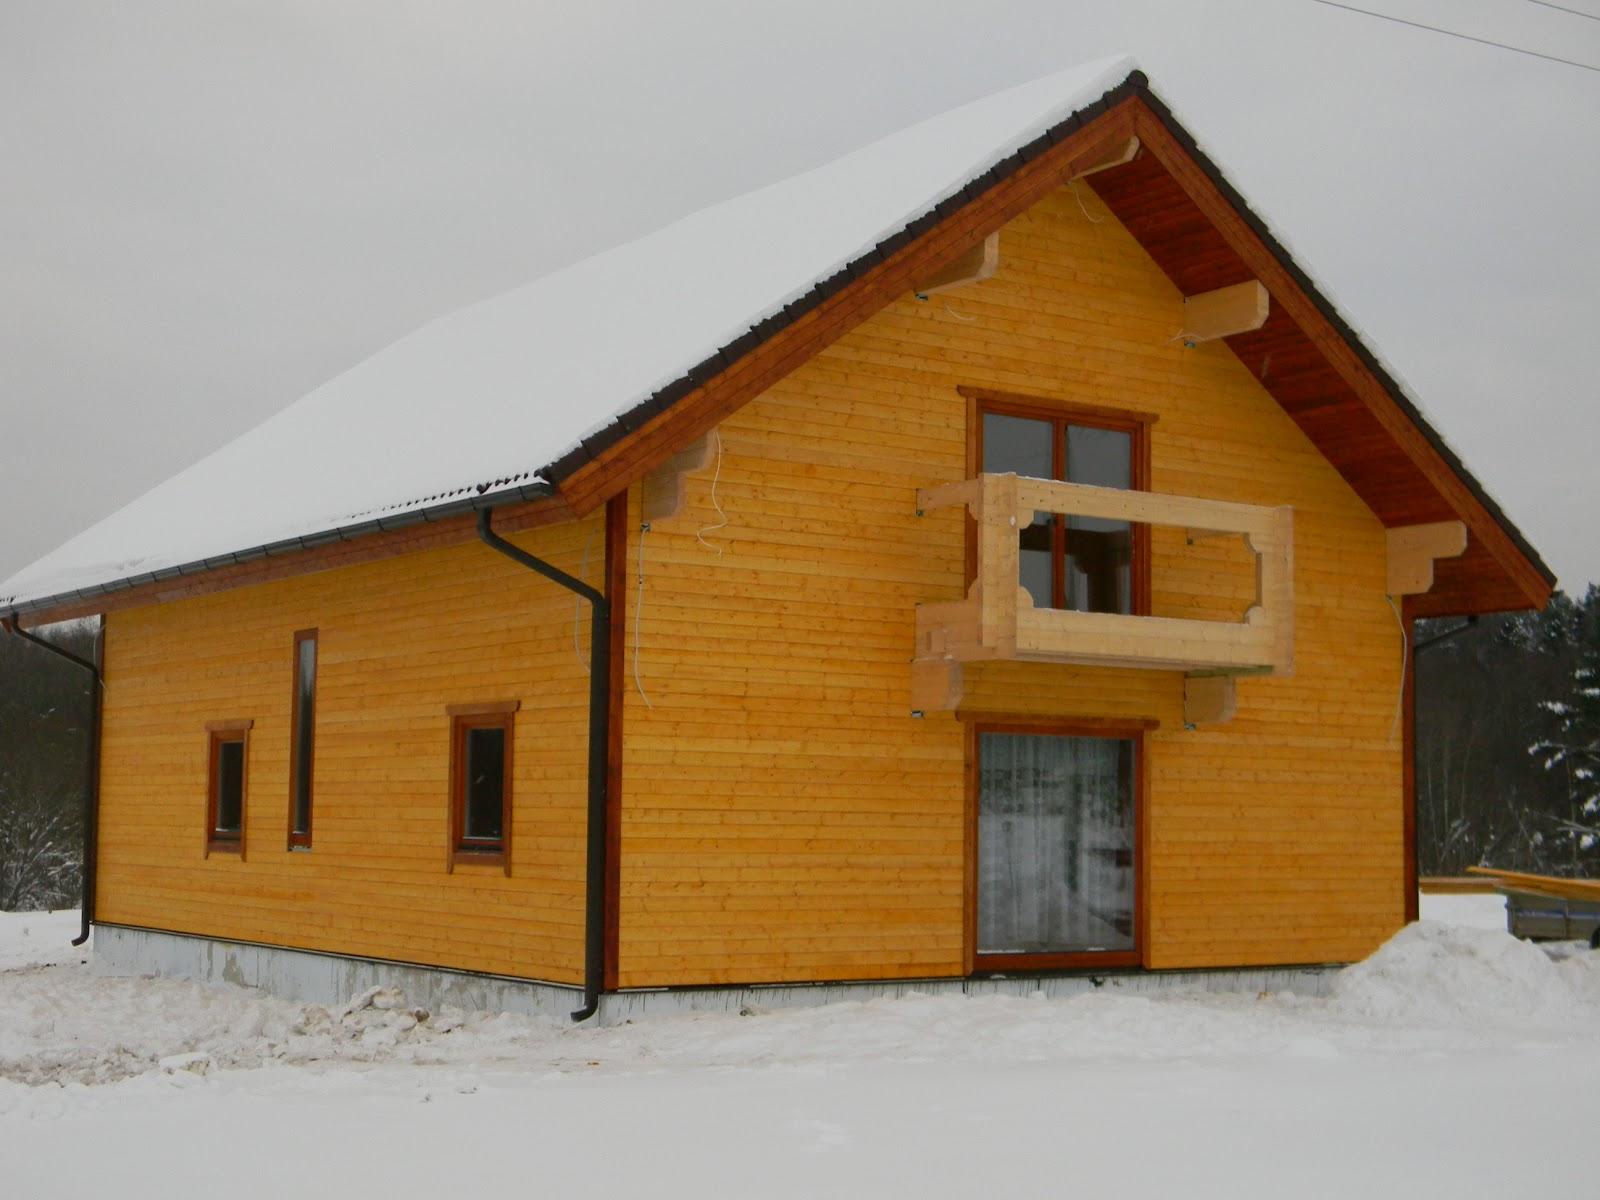 blockhaus wohnblockhaus mit isover w rmed mmung monier dach schiedel schornstein entworfen. Black Bedroom Furniture Sets. Home Design Ideas